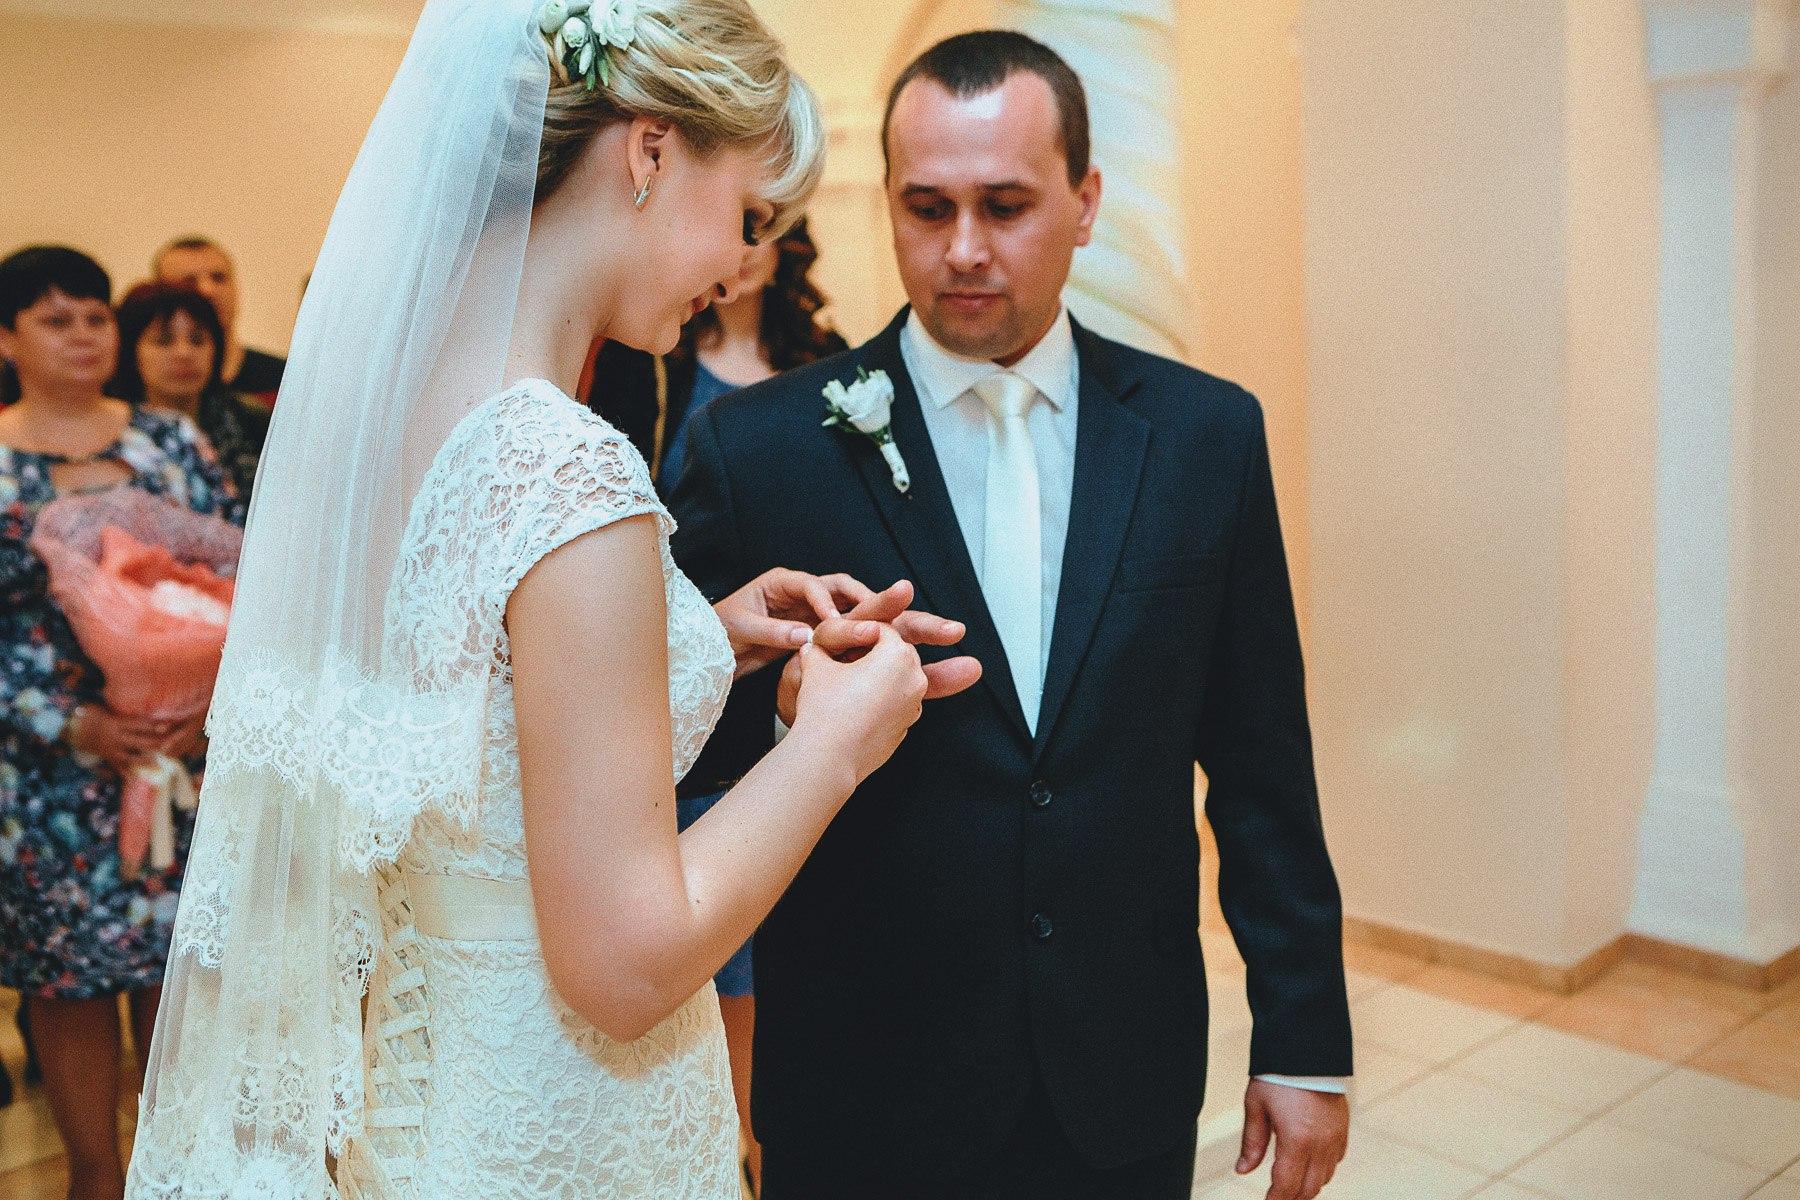 GPbFd6deQ18 - Безопасная покупка свадебного платья в онлайн-магазине